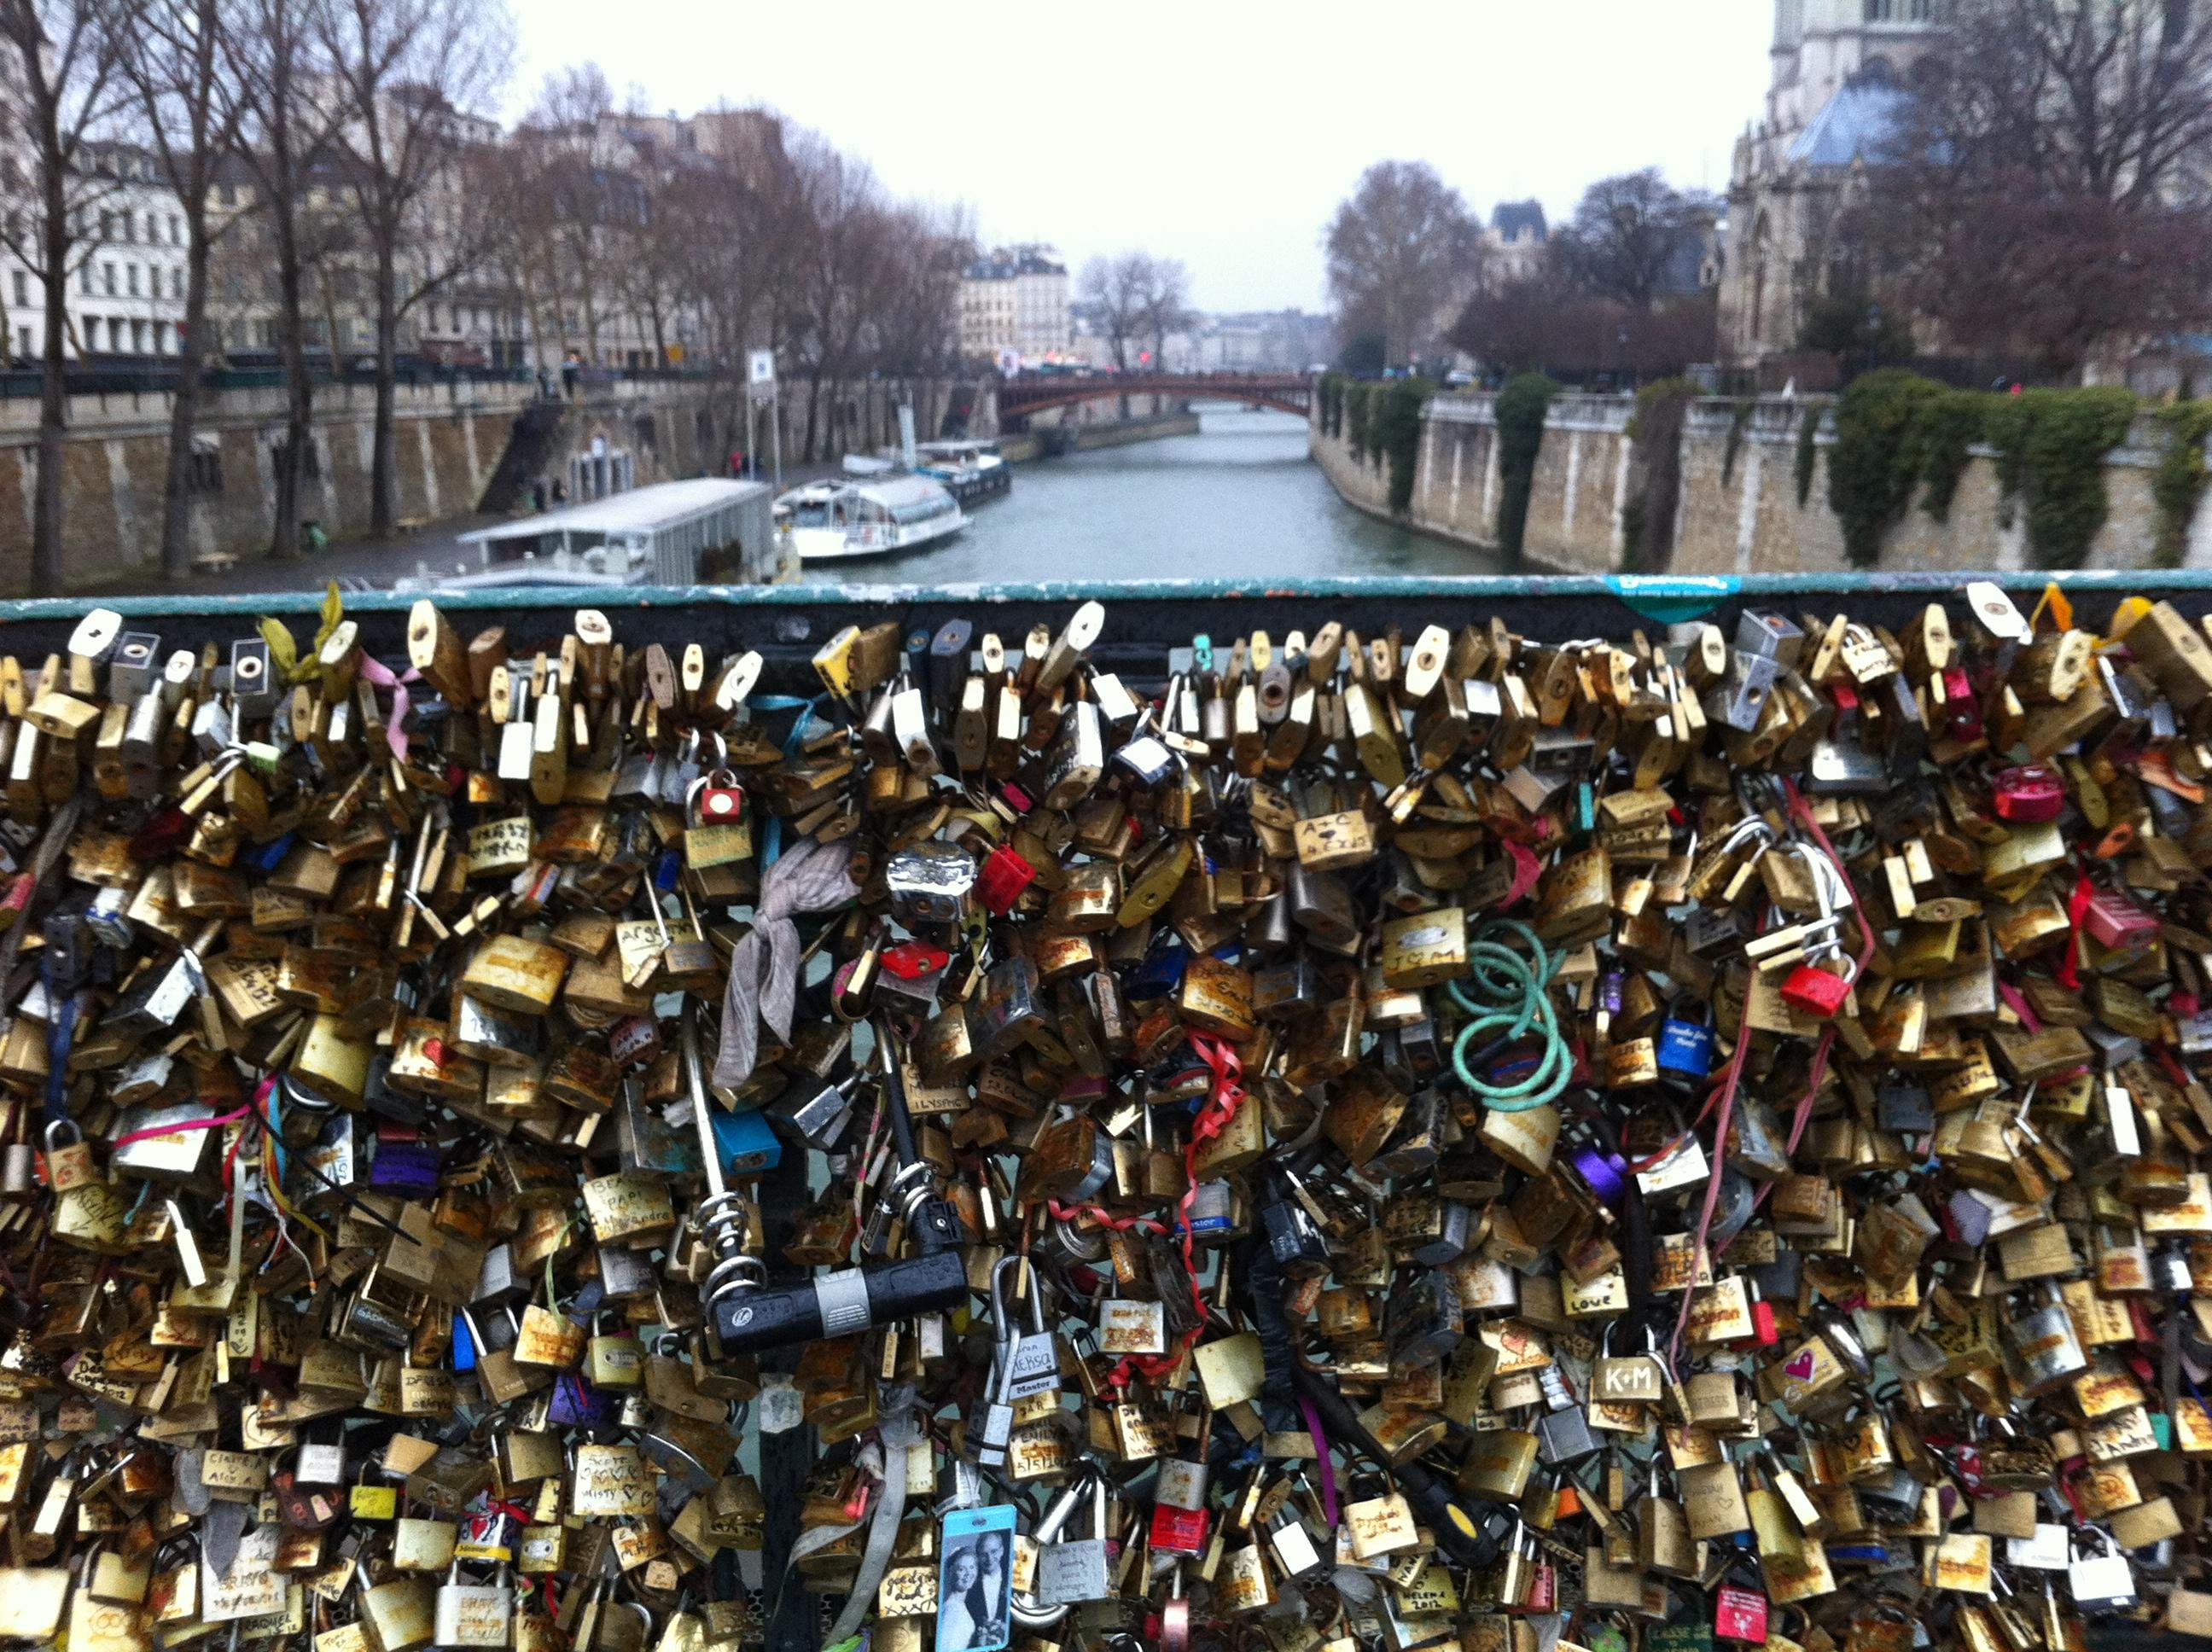 41. Objectif 100 photos sur la Seine